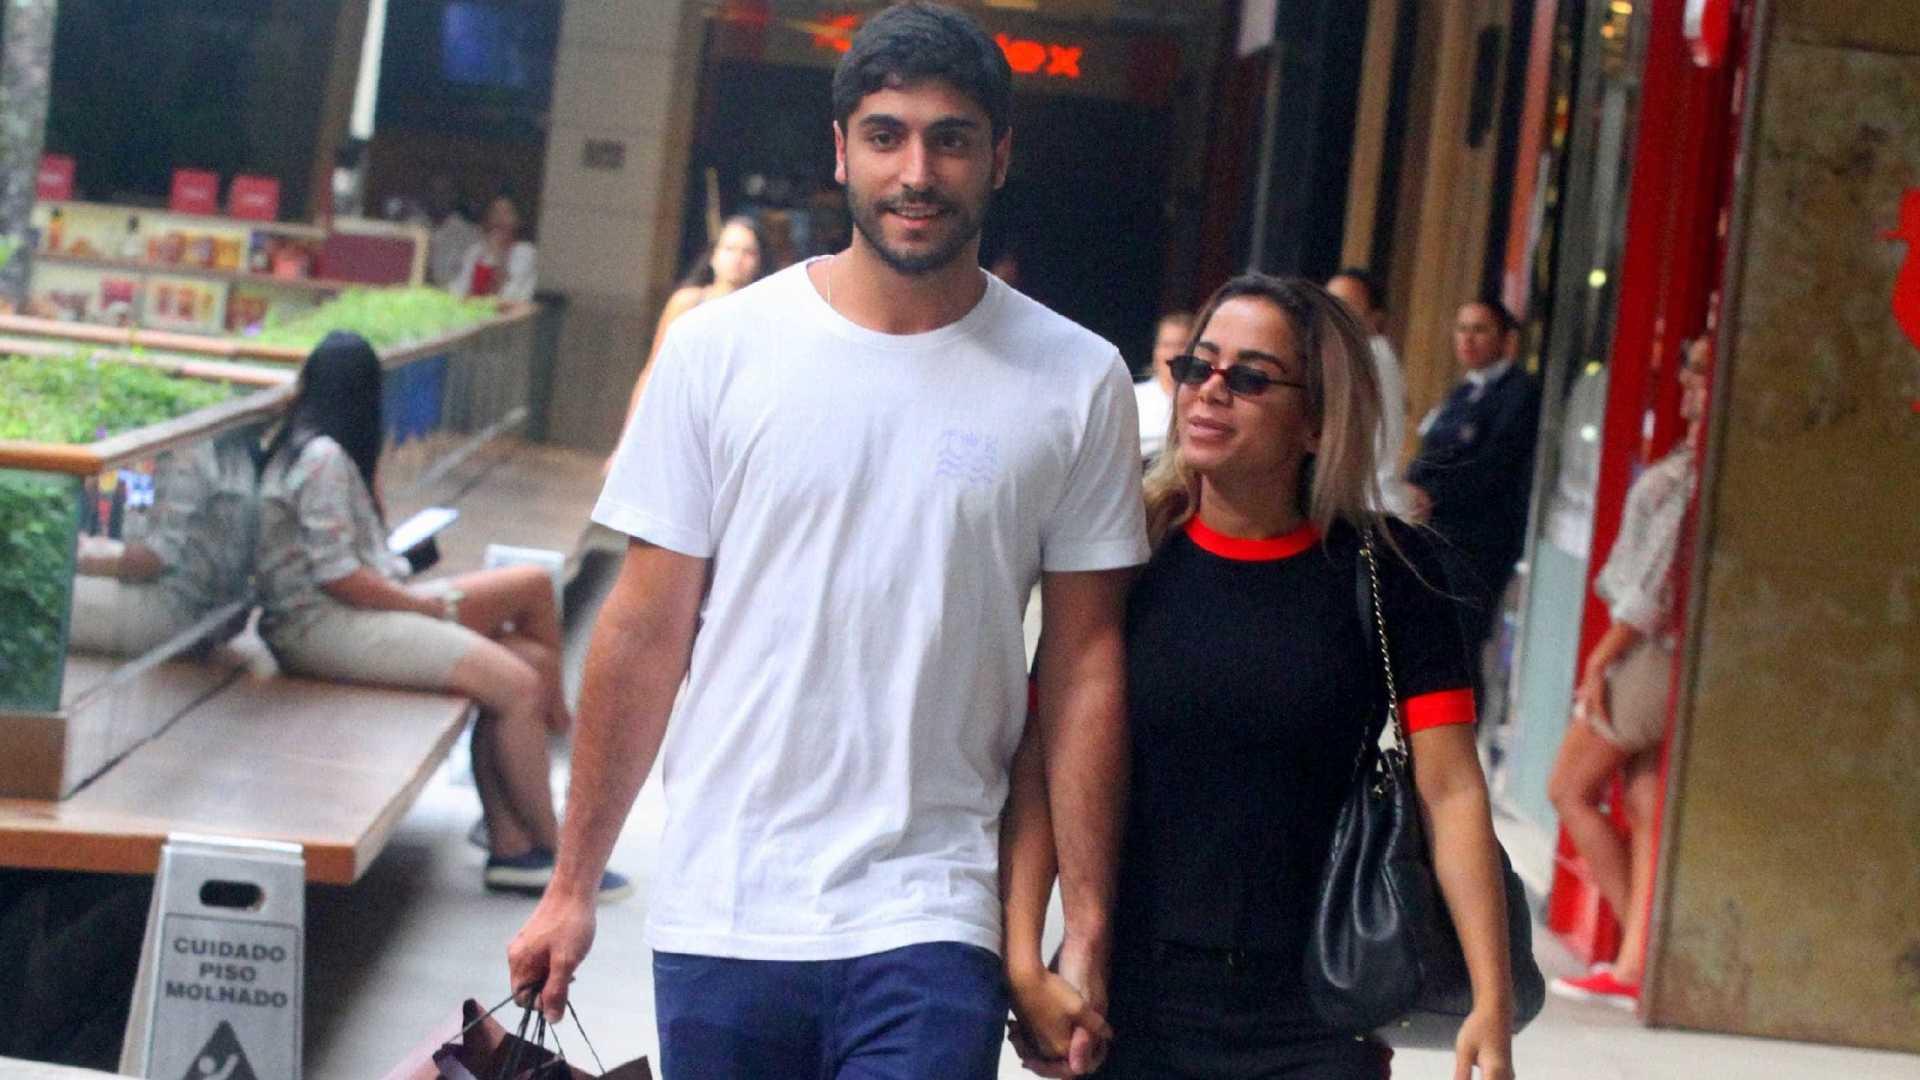 naom 5ad75b585e637 - Ex-marido de Anitta diz ter perdido 'interesse de olhar para trás'